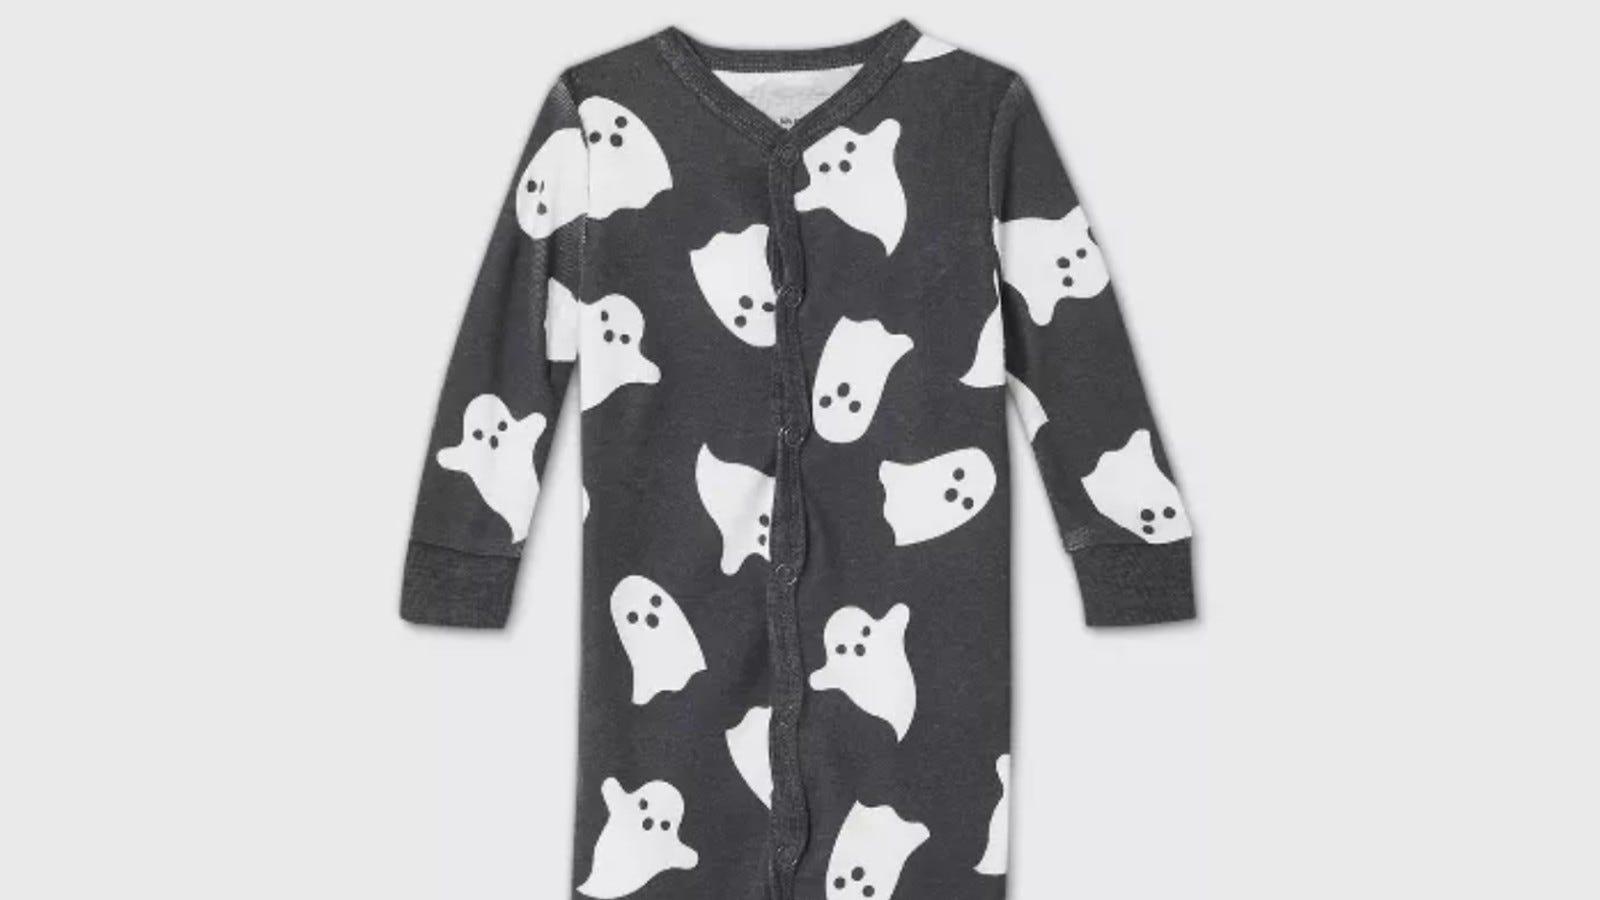 Target's Baby Halloween Ghost Suit.